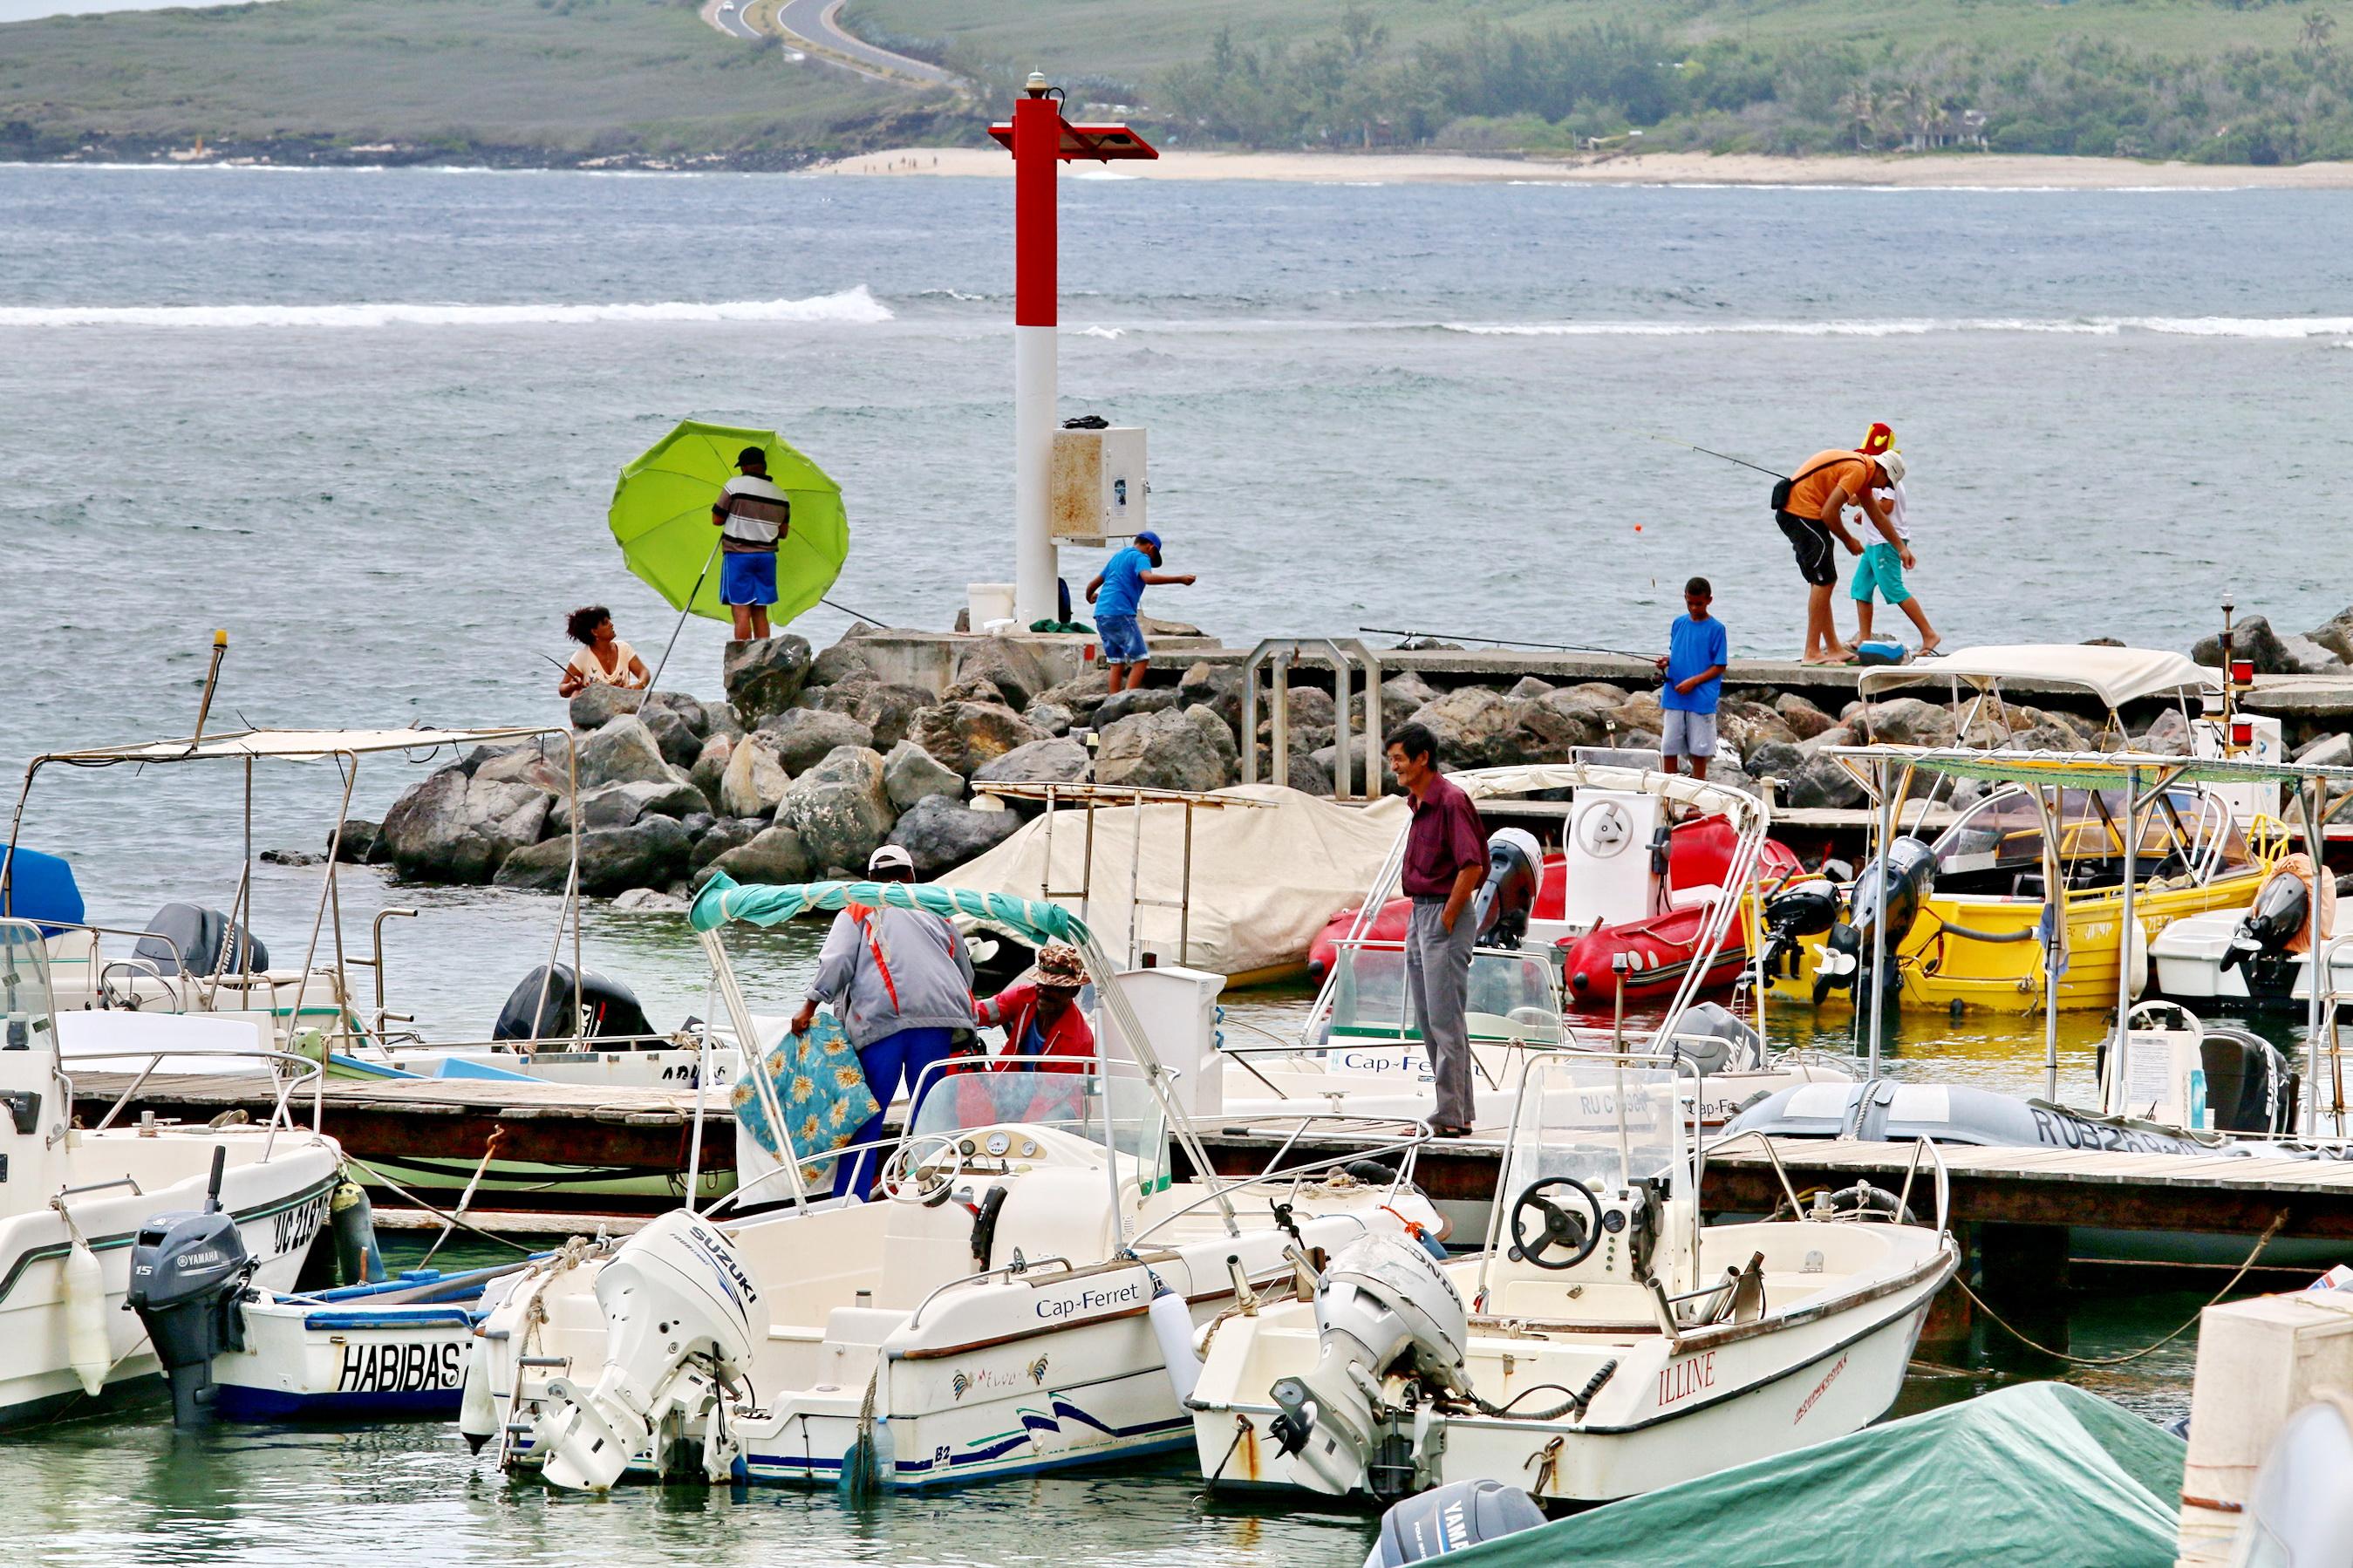 [Vie des ports] Les ports de la Réunion - Page 3 246169stpierrestleu70d103